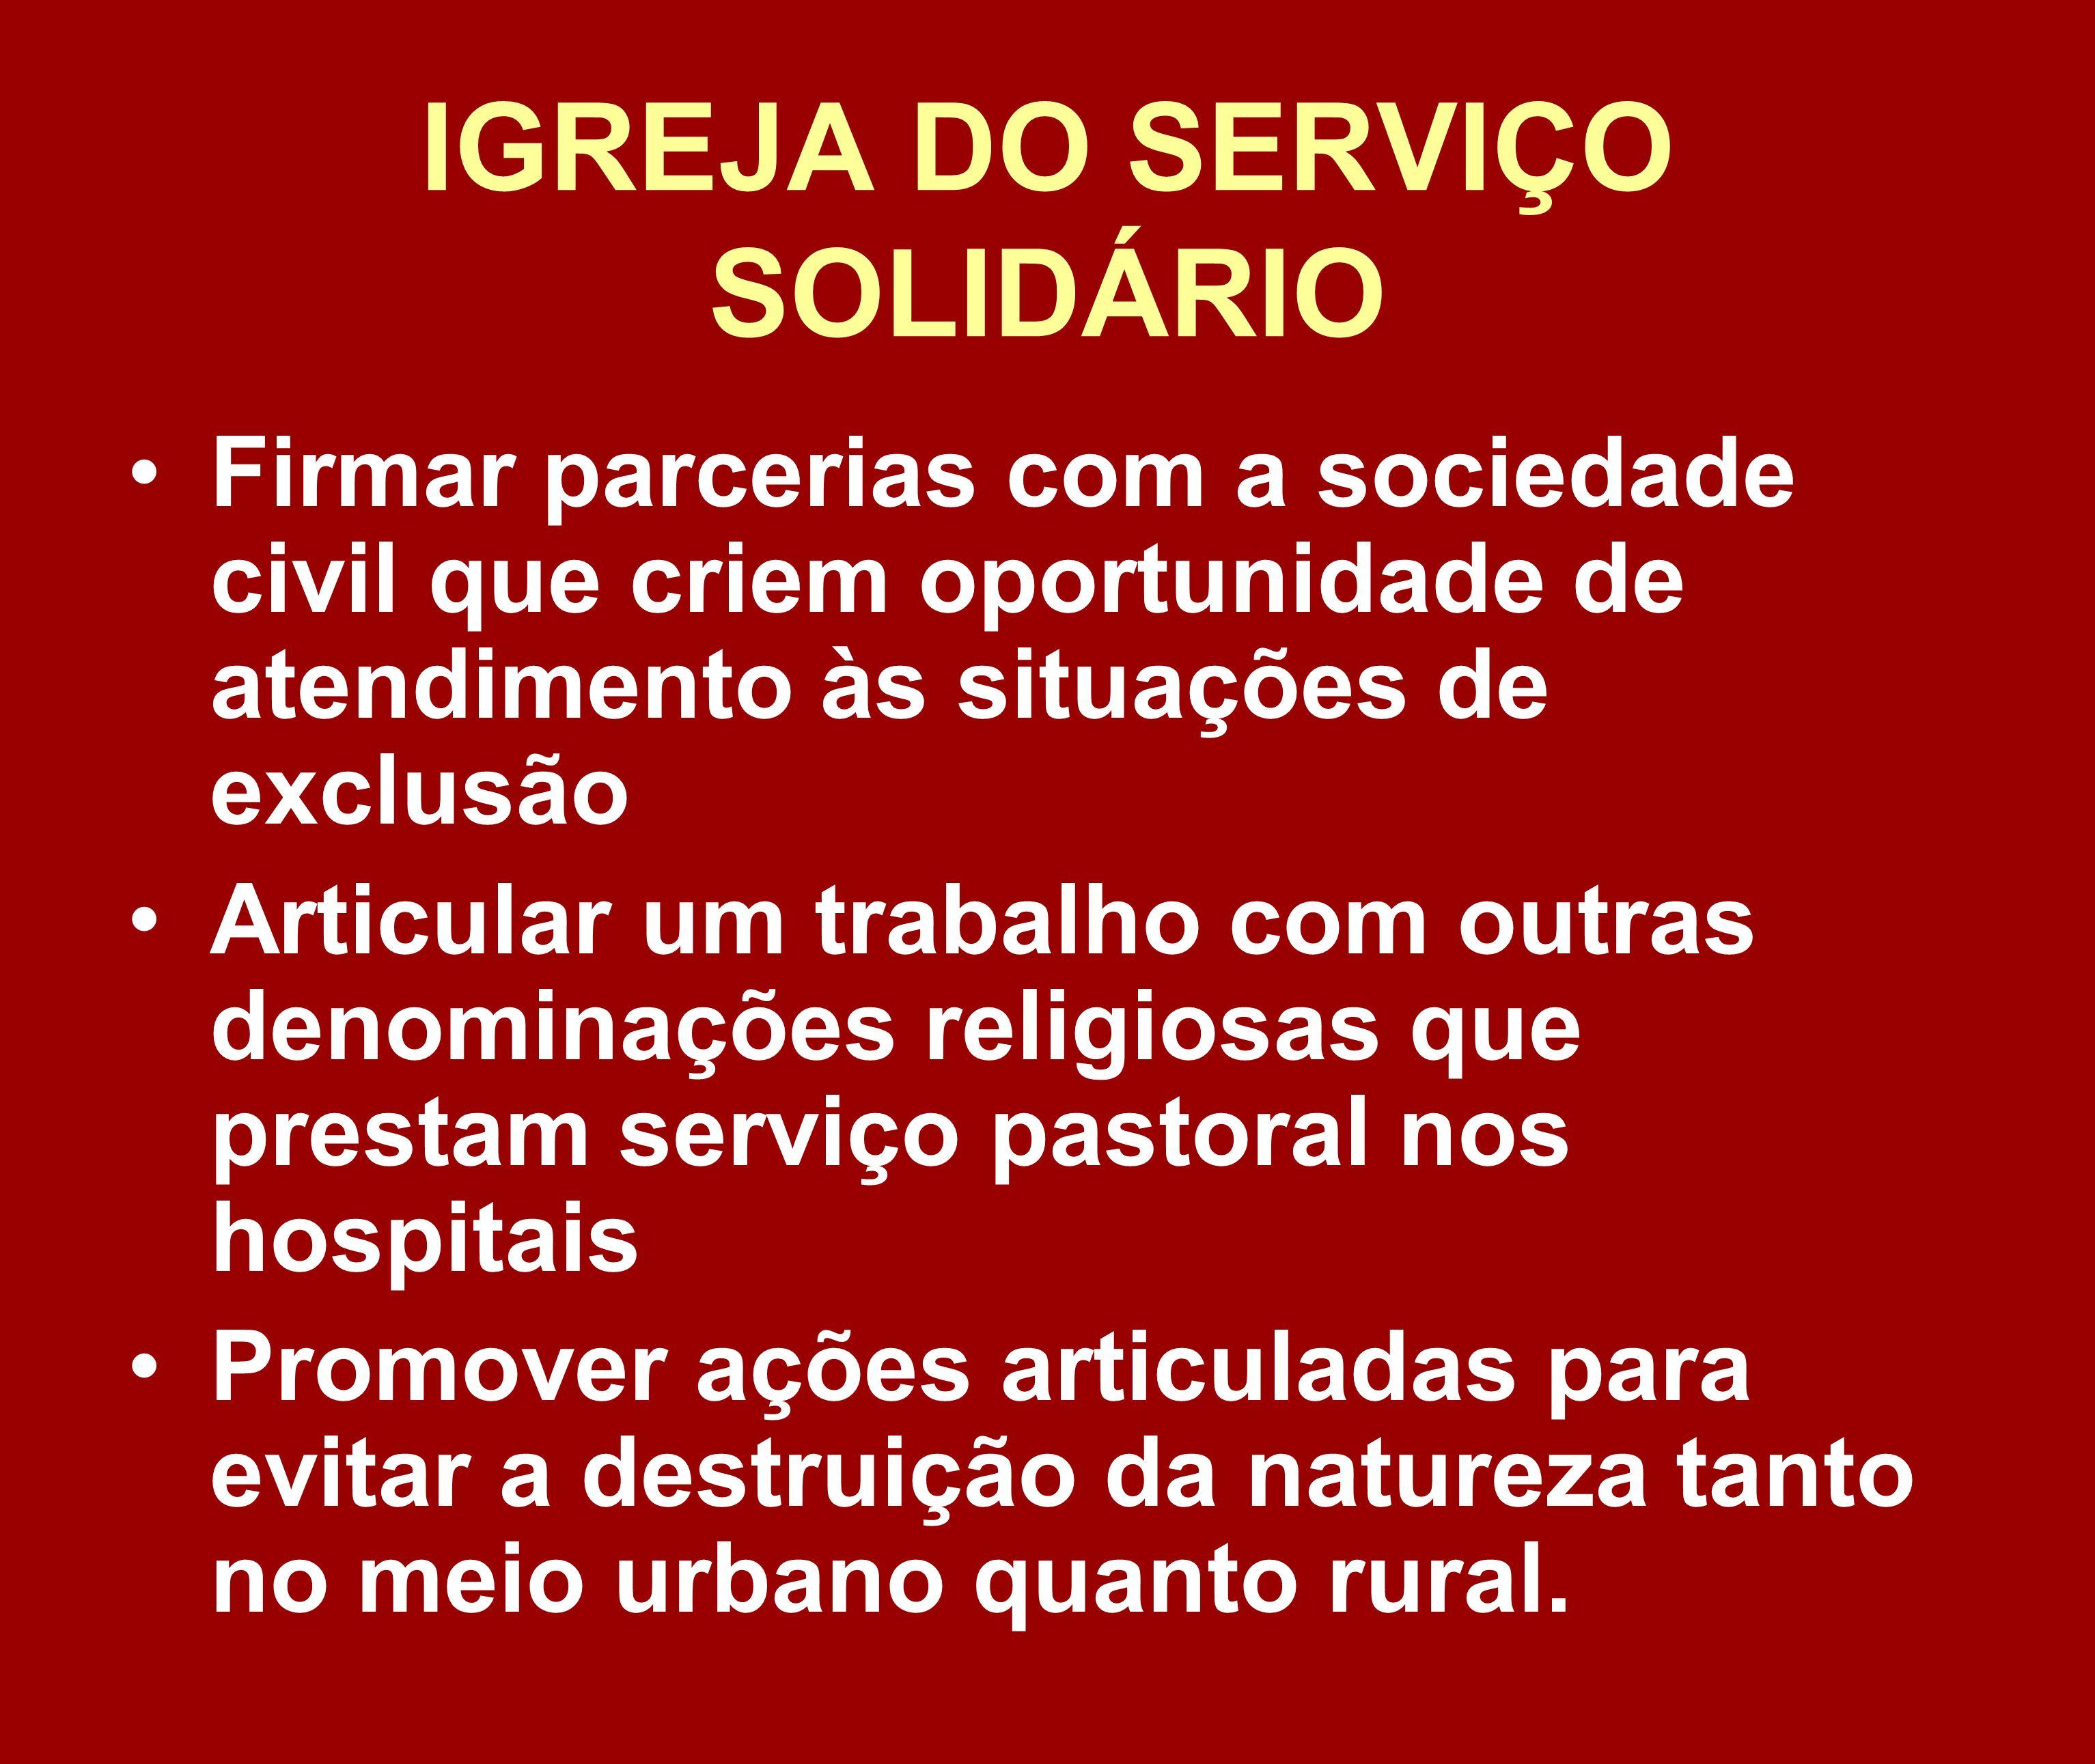 IGREJA DO SERVIÇO SOLIDÁRIO